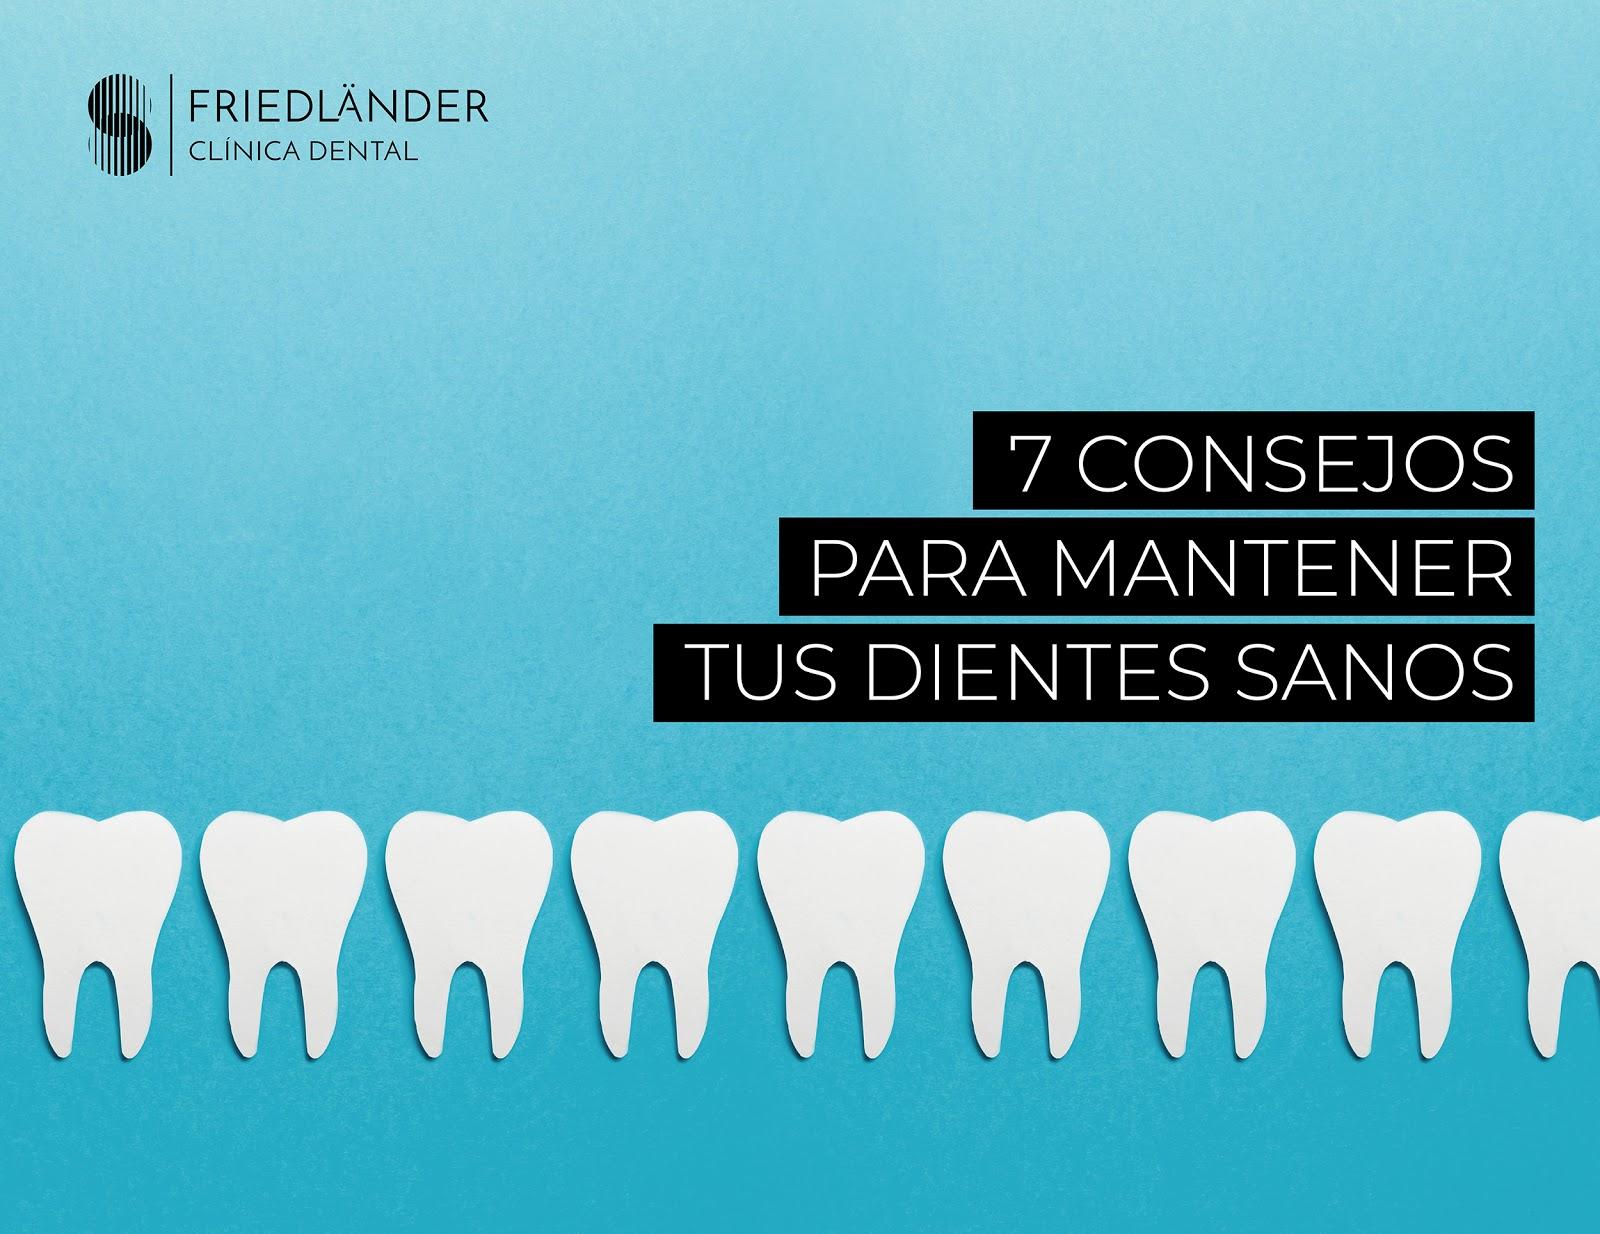 7 consejos para mantener tus dientes sanos y limpios. 1